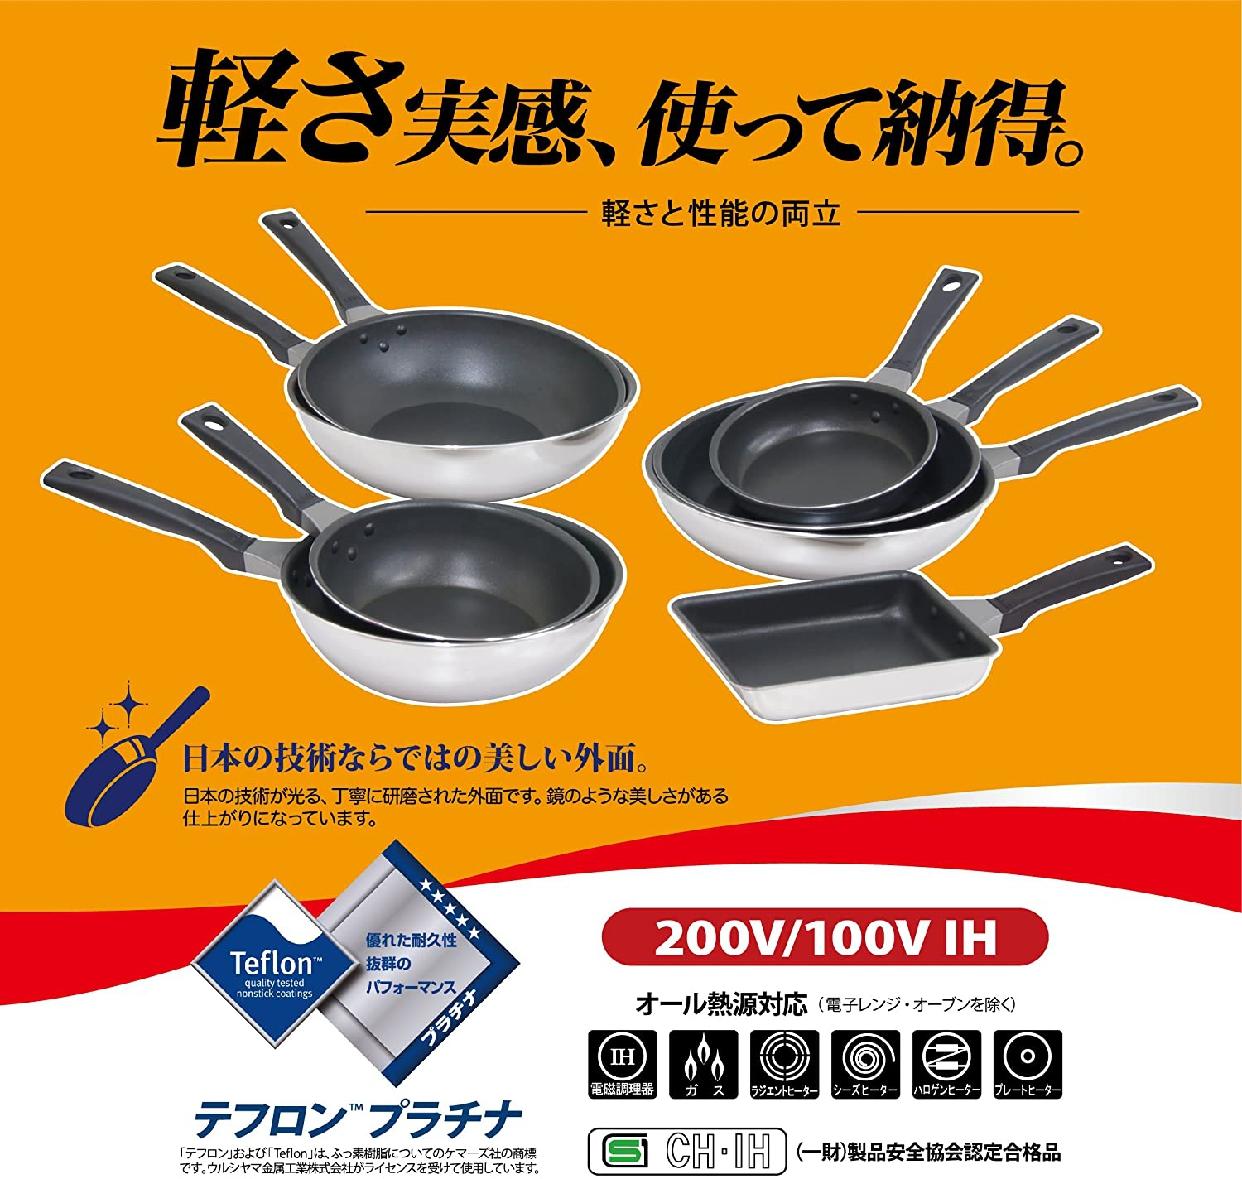 うるしやま ルミエール 炒め鍋の商品画像7